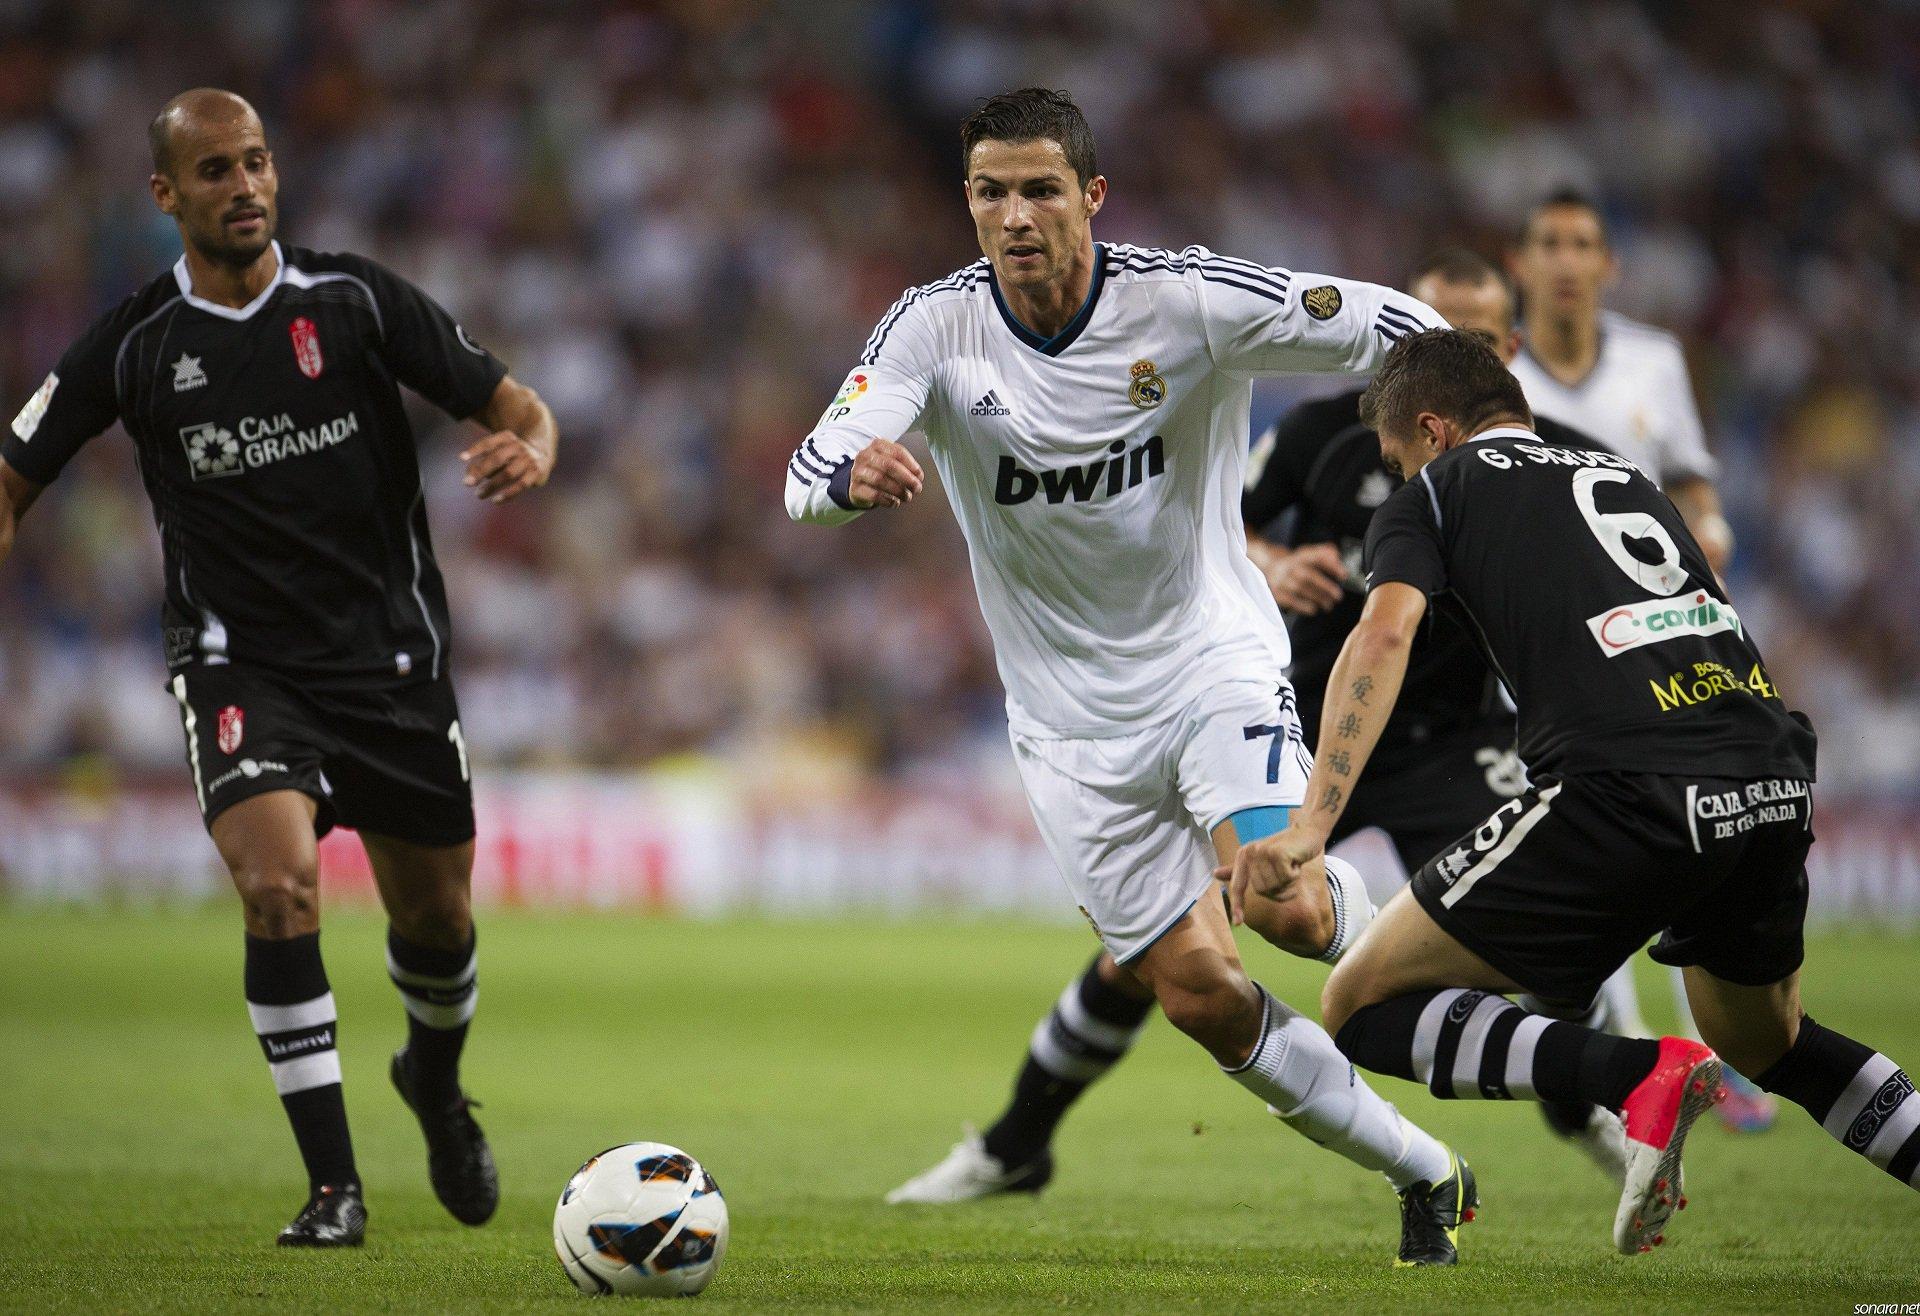 hercules futbol